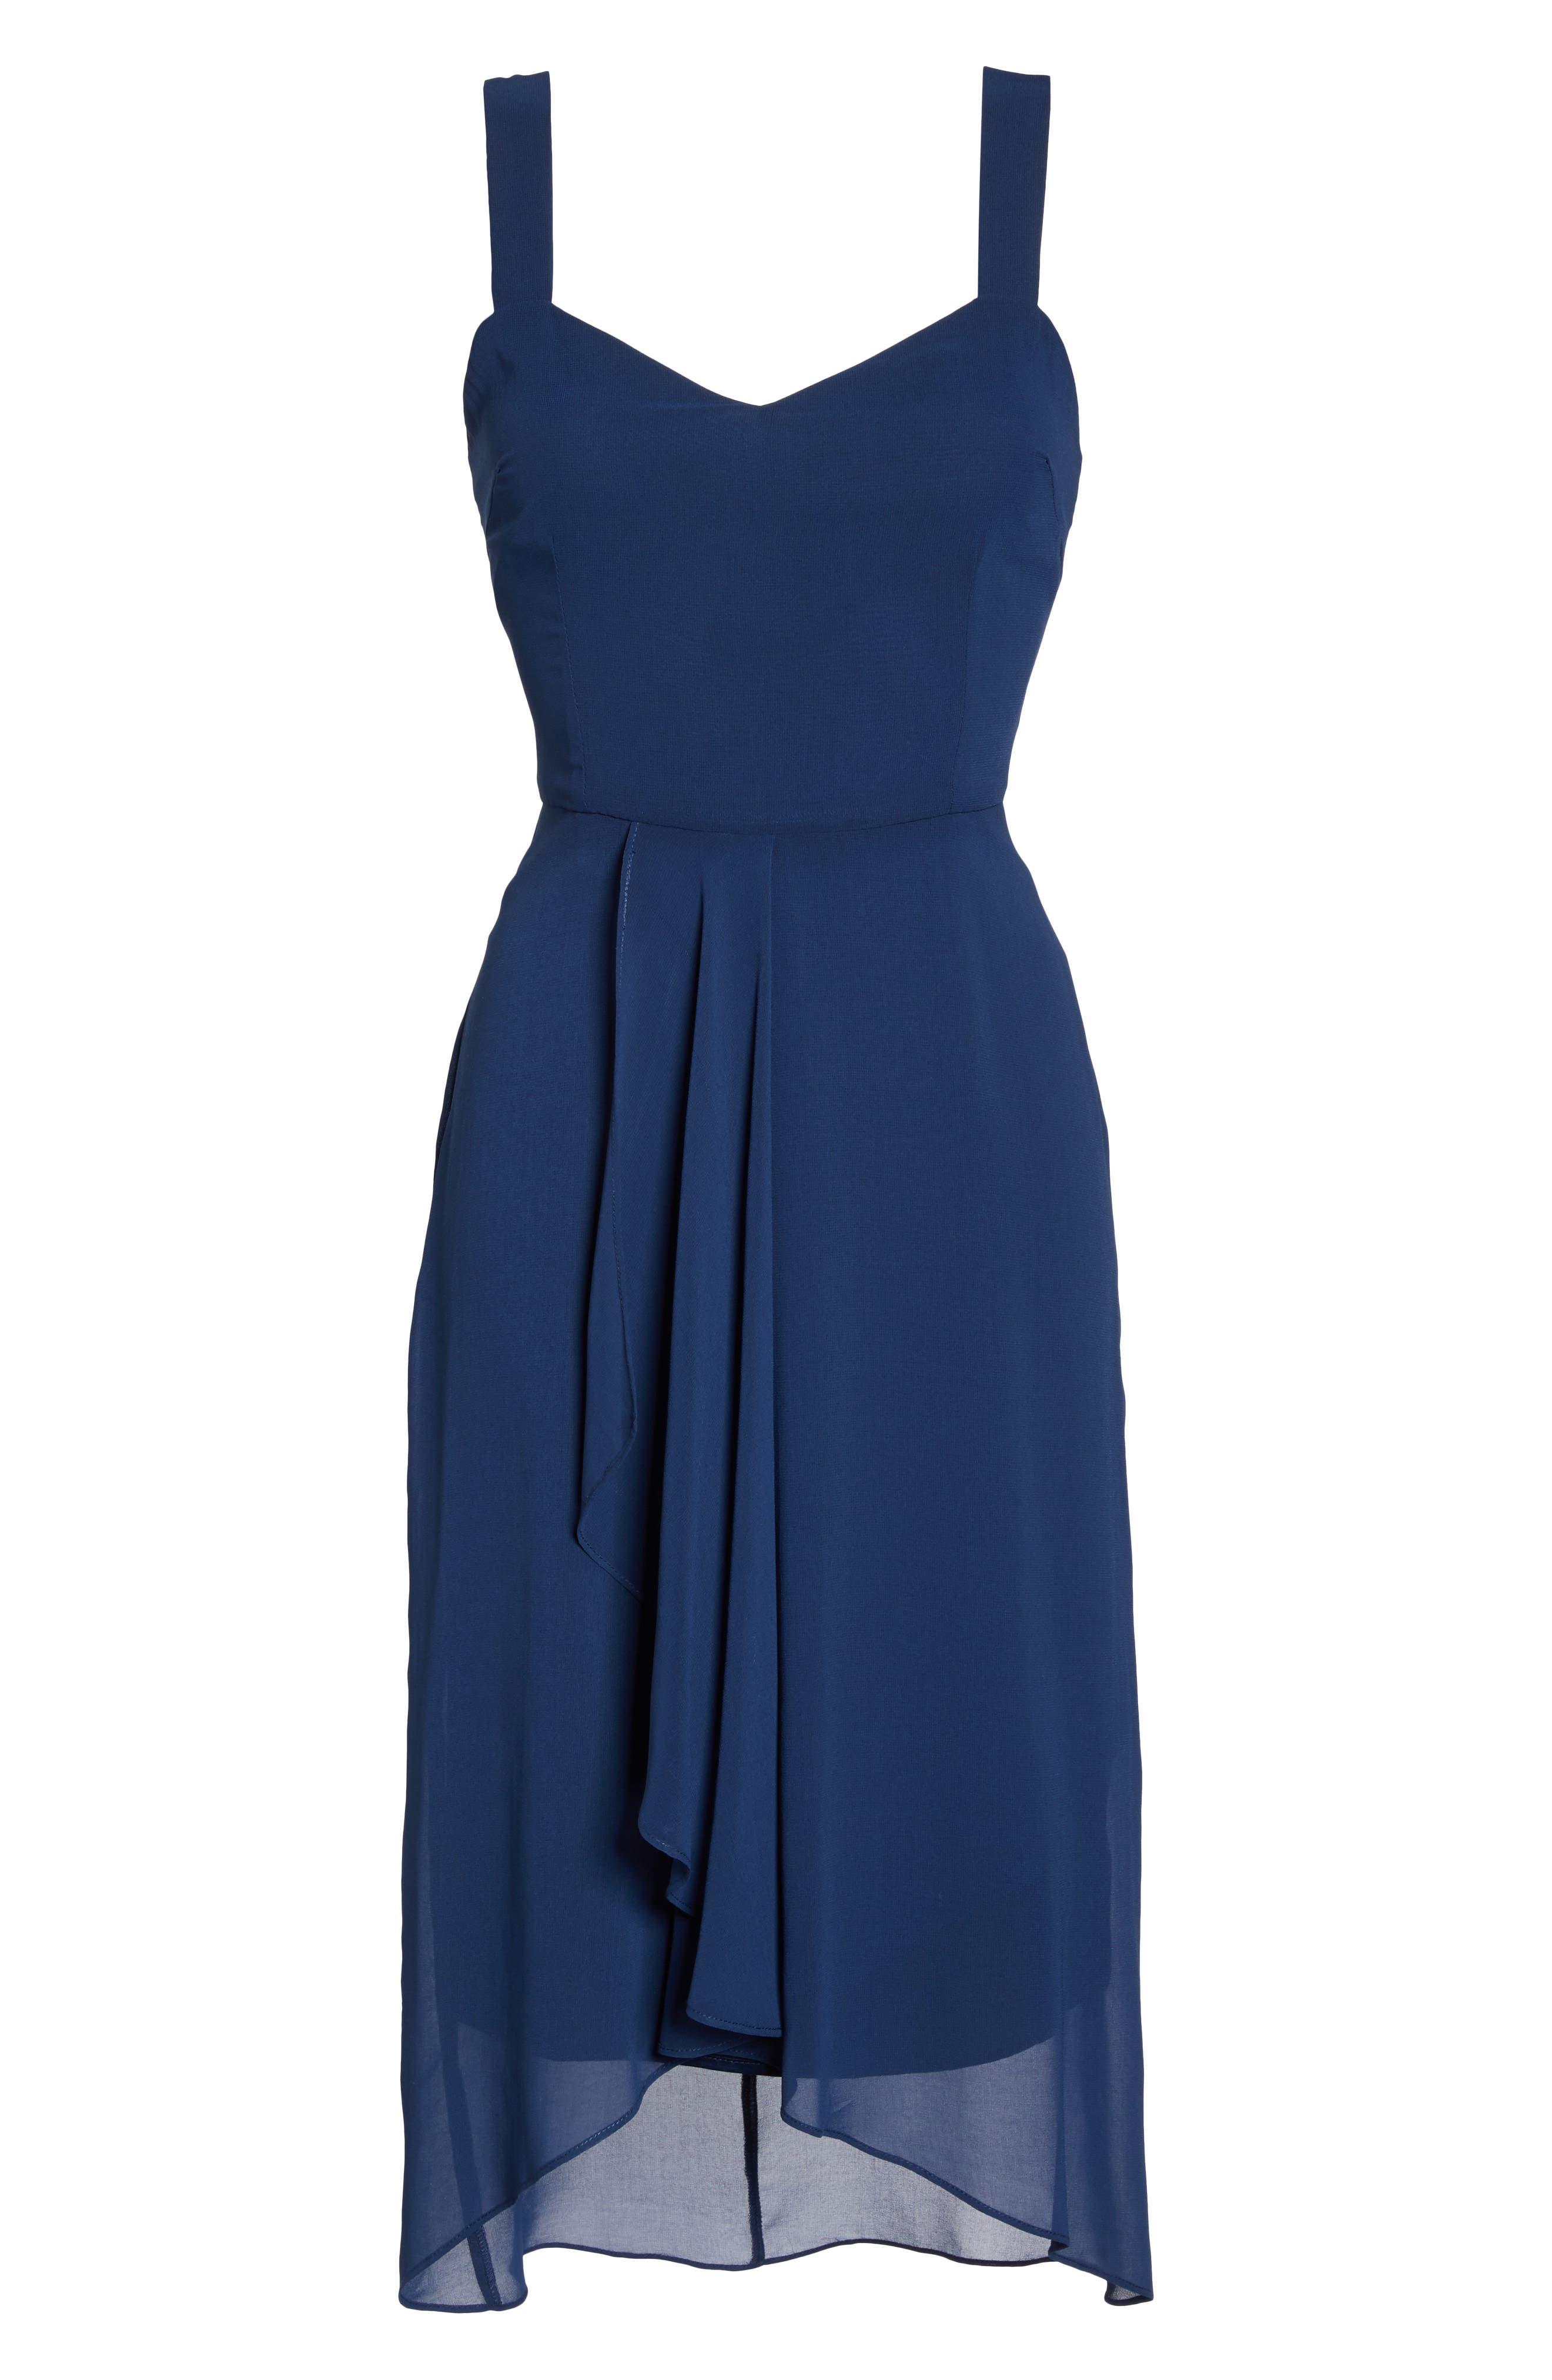 Utopia Midi Dress,                             Alternate thumbnail 6, color,                             435